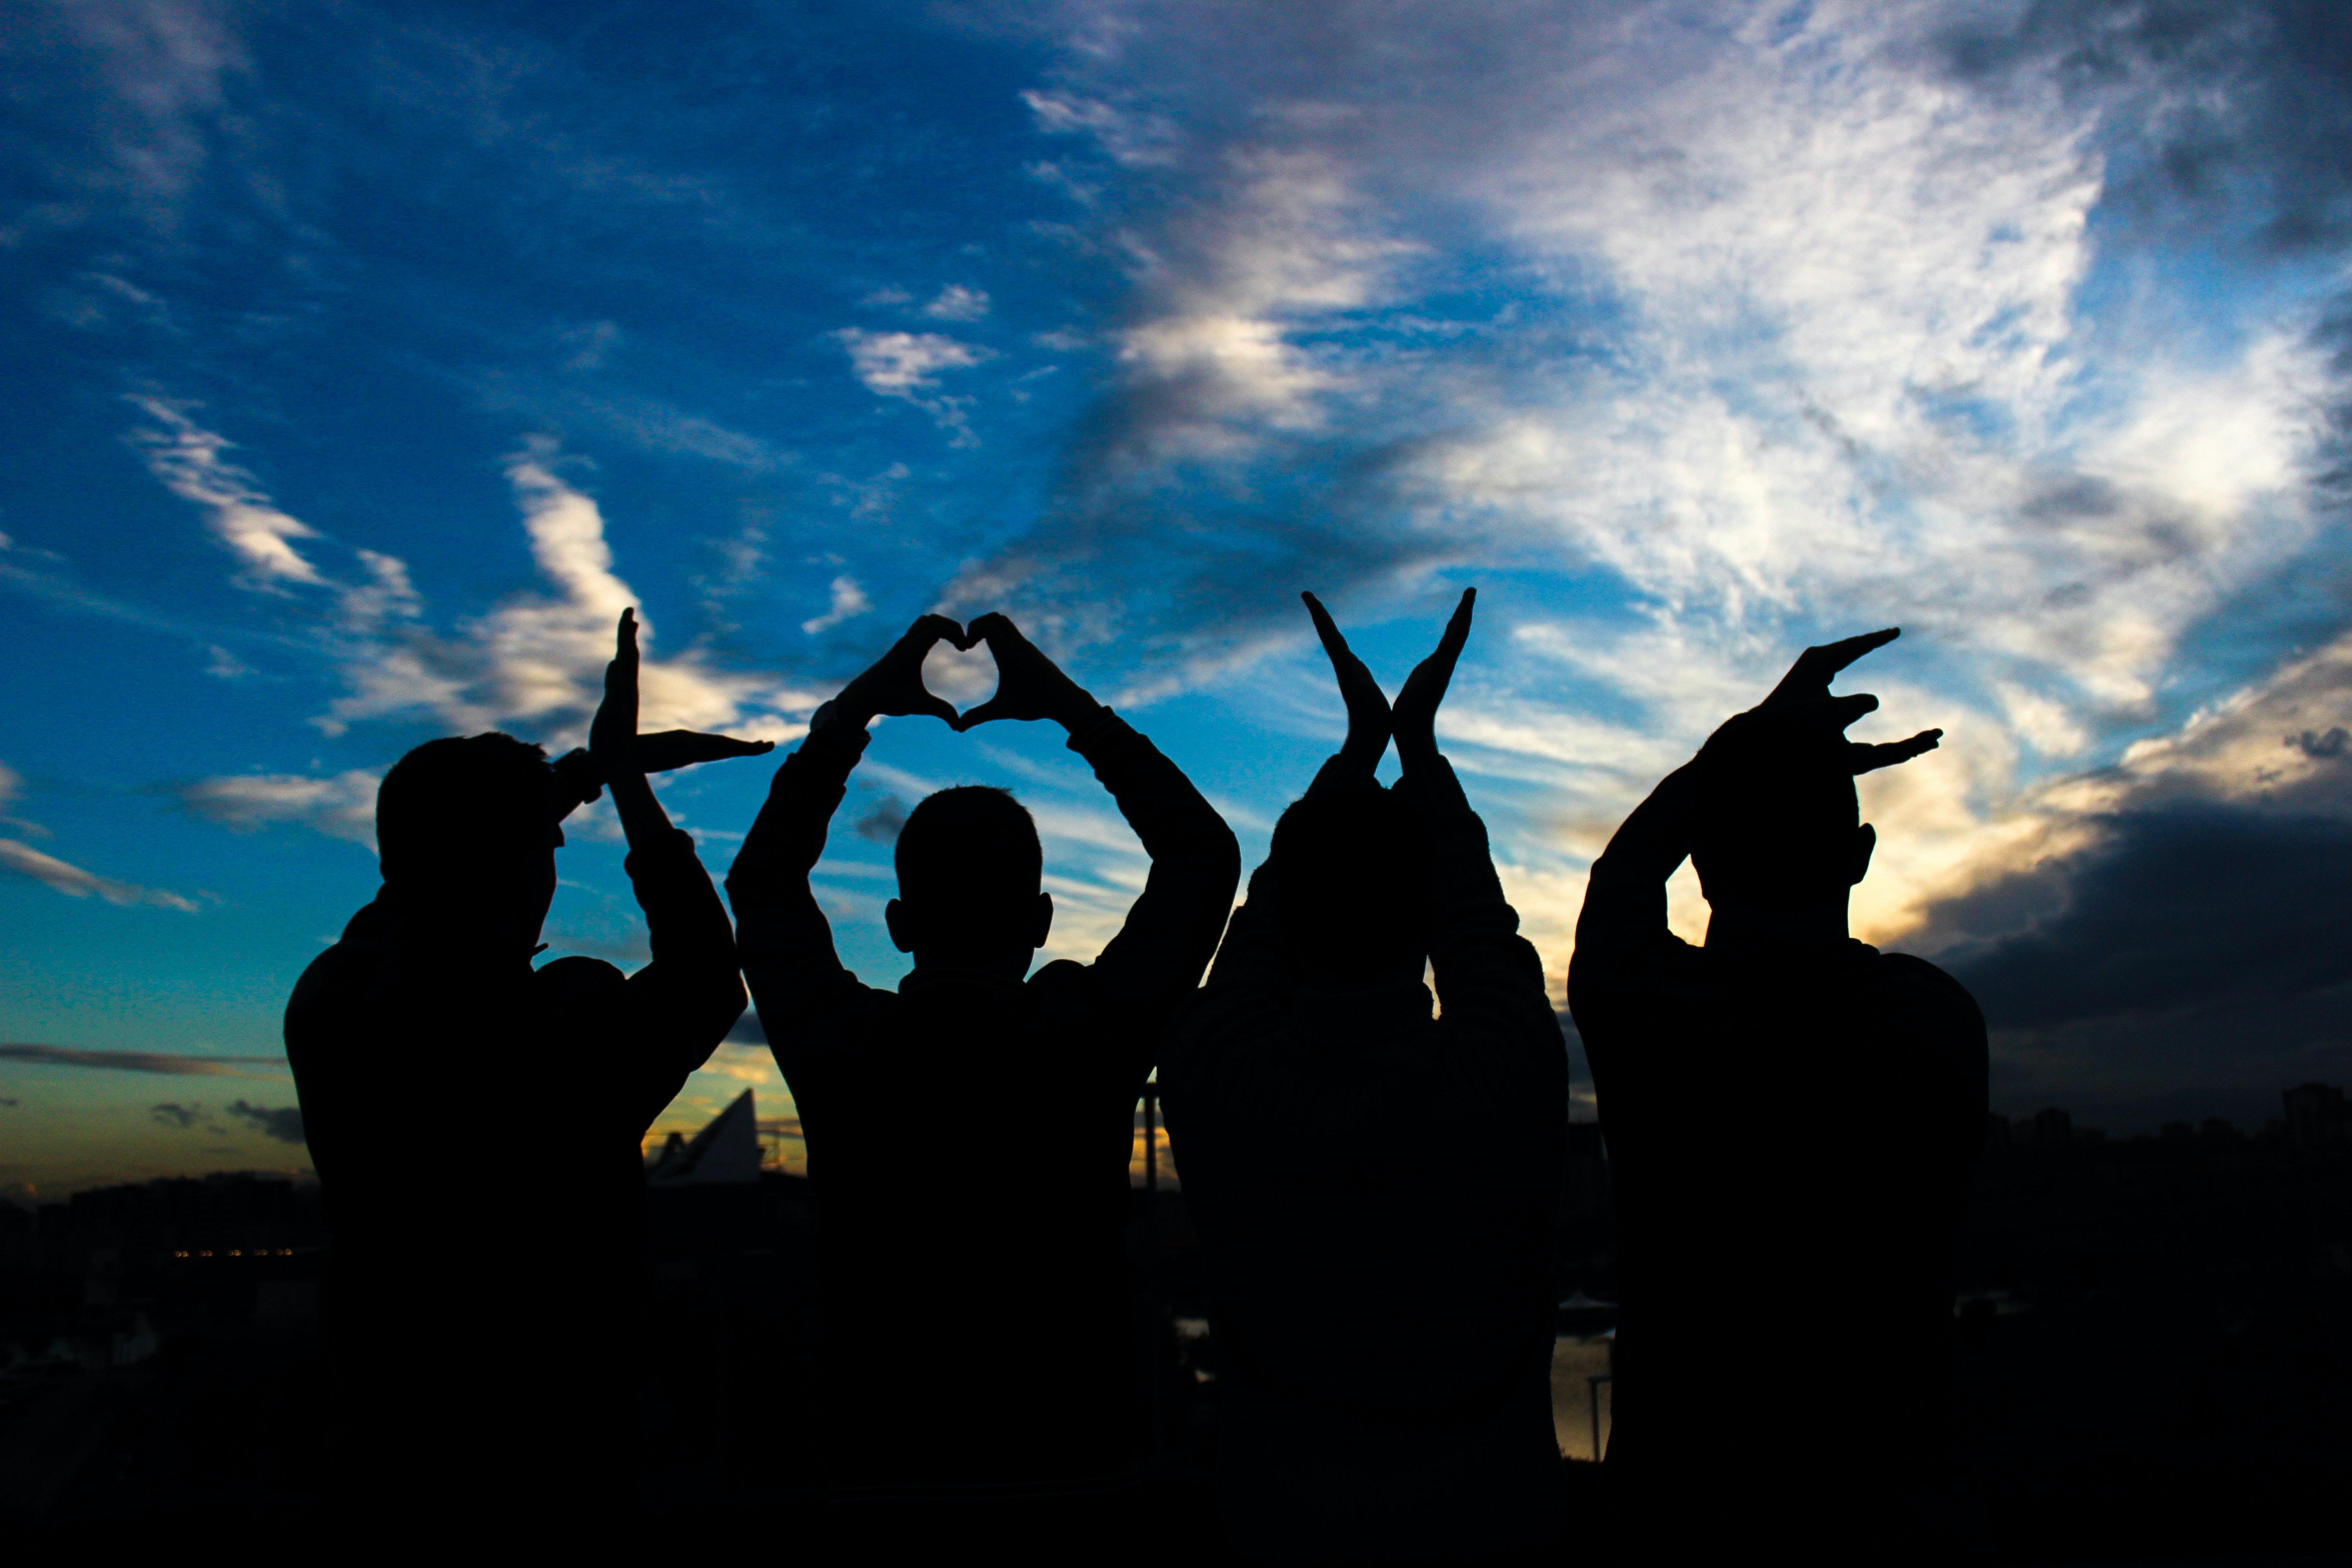 Free Stock Photo Of Aşk Aşk Duvar Kağıdı Eğlence